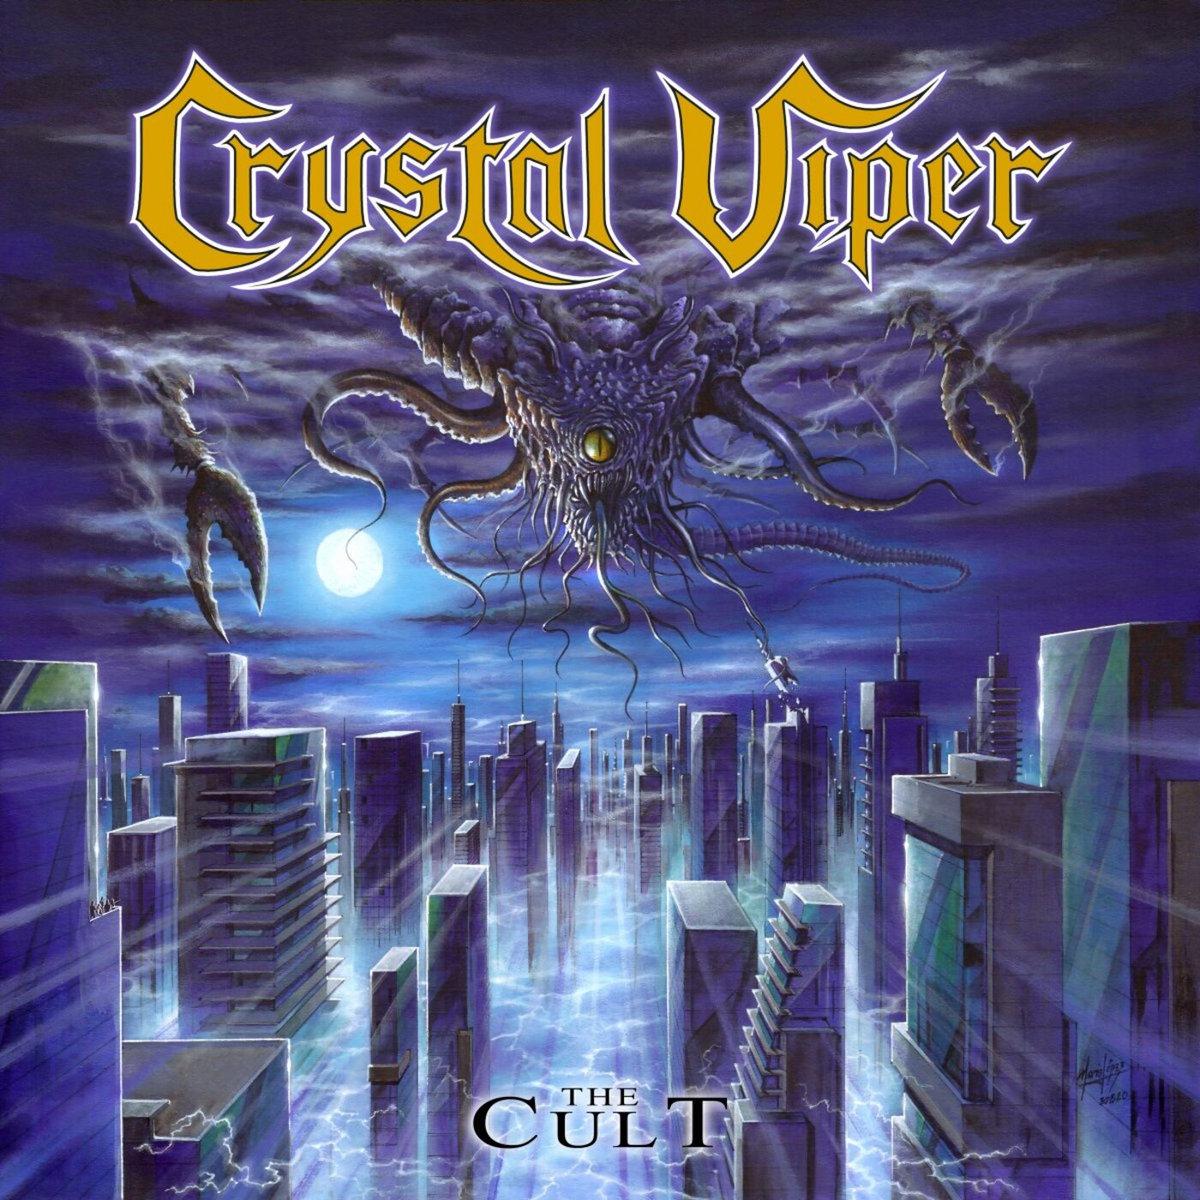 CRYSTAL VIPER - Reviews (1)